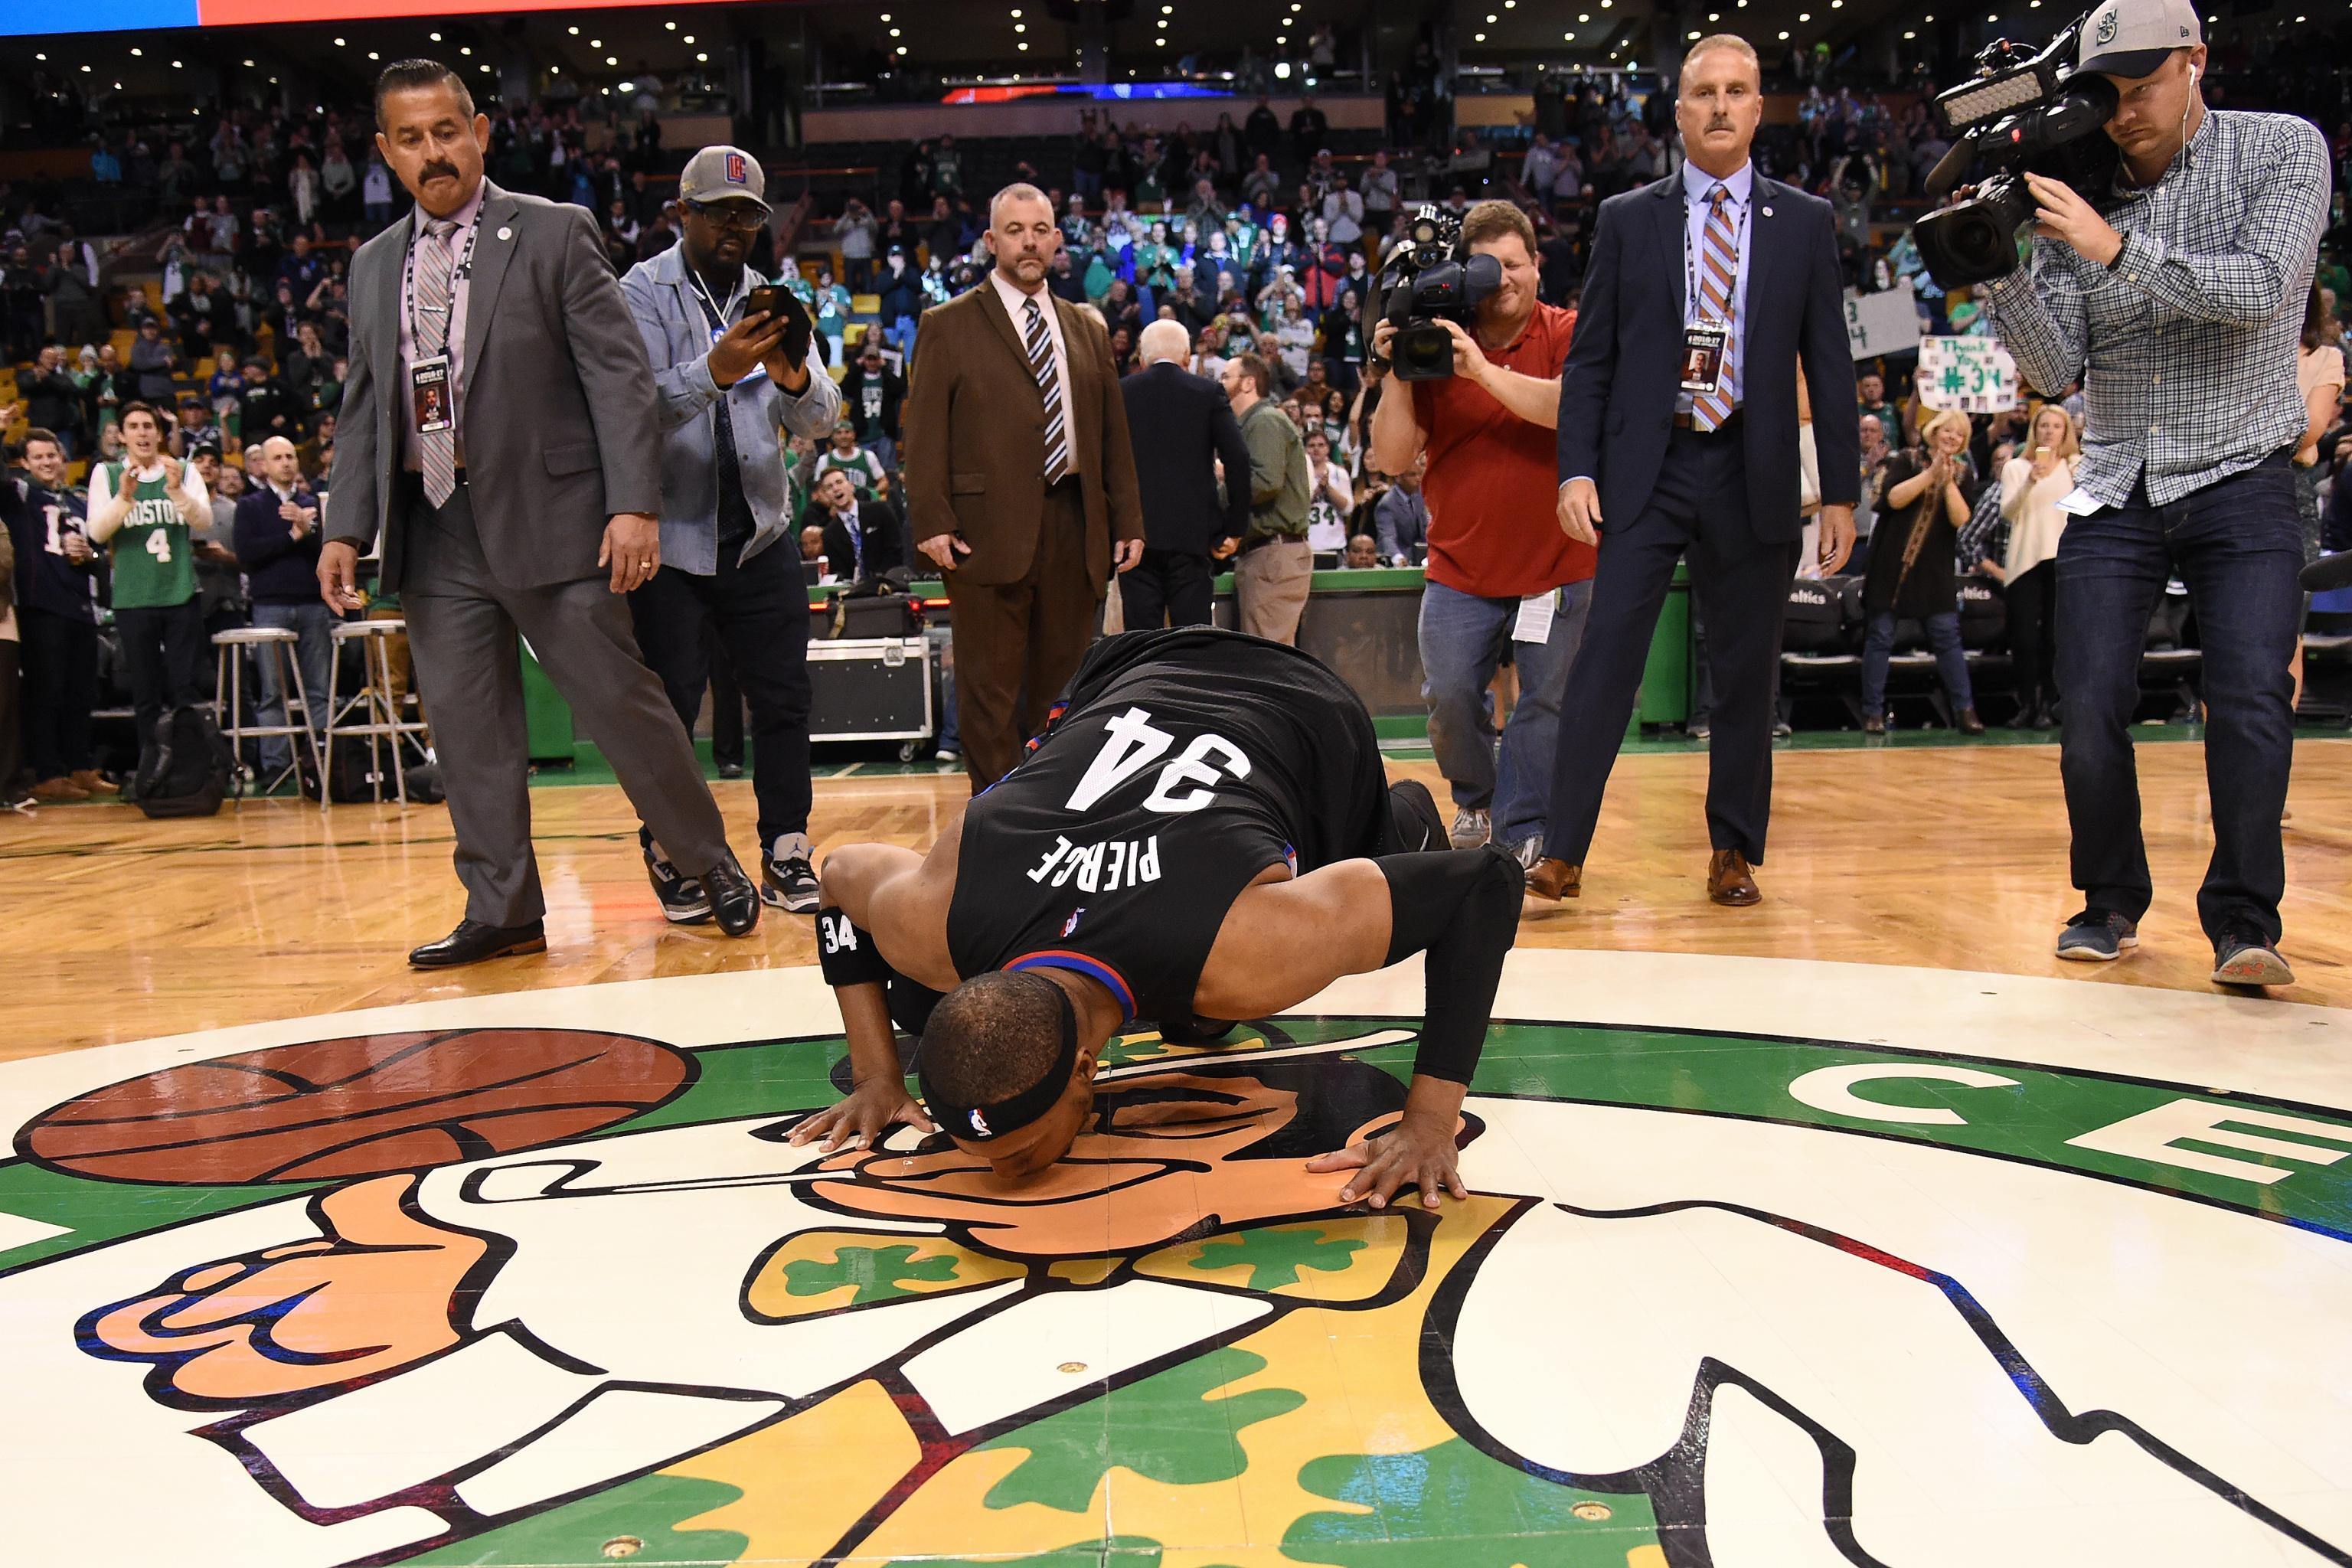 Bosh如夢初醒!Pierce攤牌:我不想跟Kobe、石佛、狼王競爭名人堂,所以才多打一年